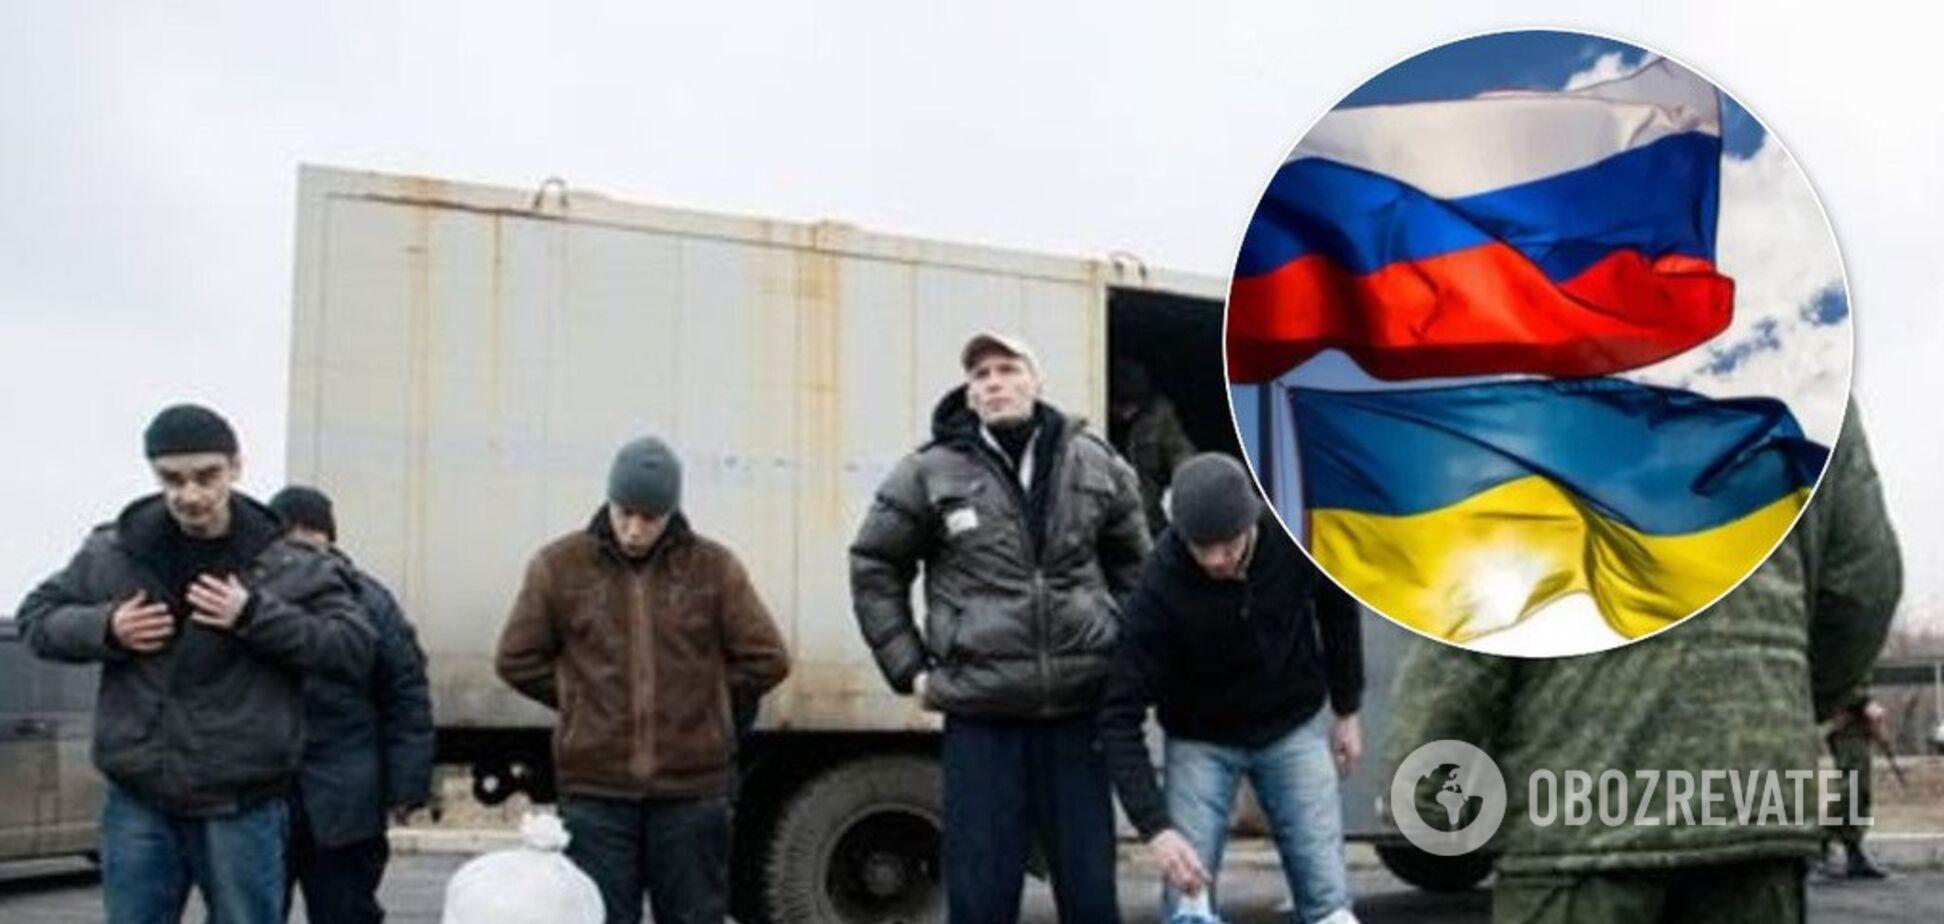 Агент ФСБ, вербовщица и госизменники: обнародованы имена еще 6 человек, которых Украина отдала 'Л/ДНР'